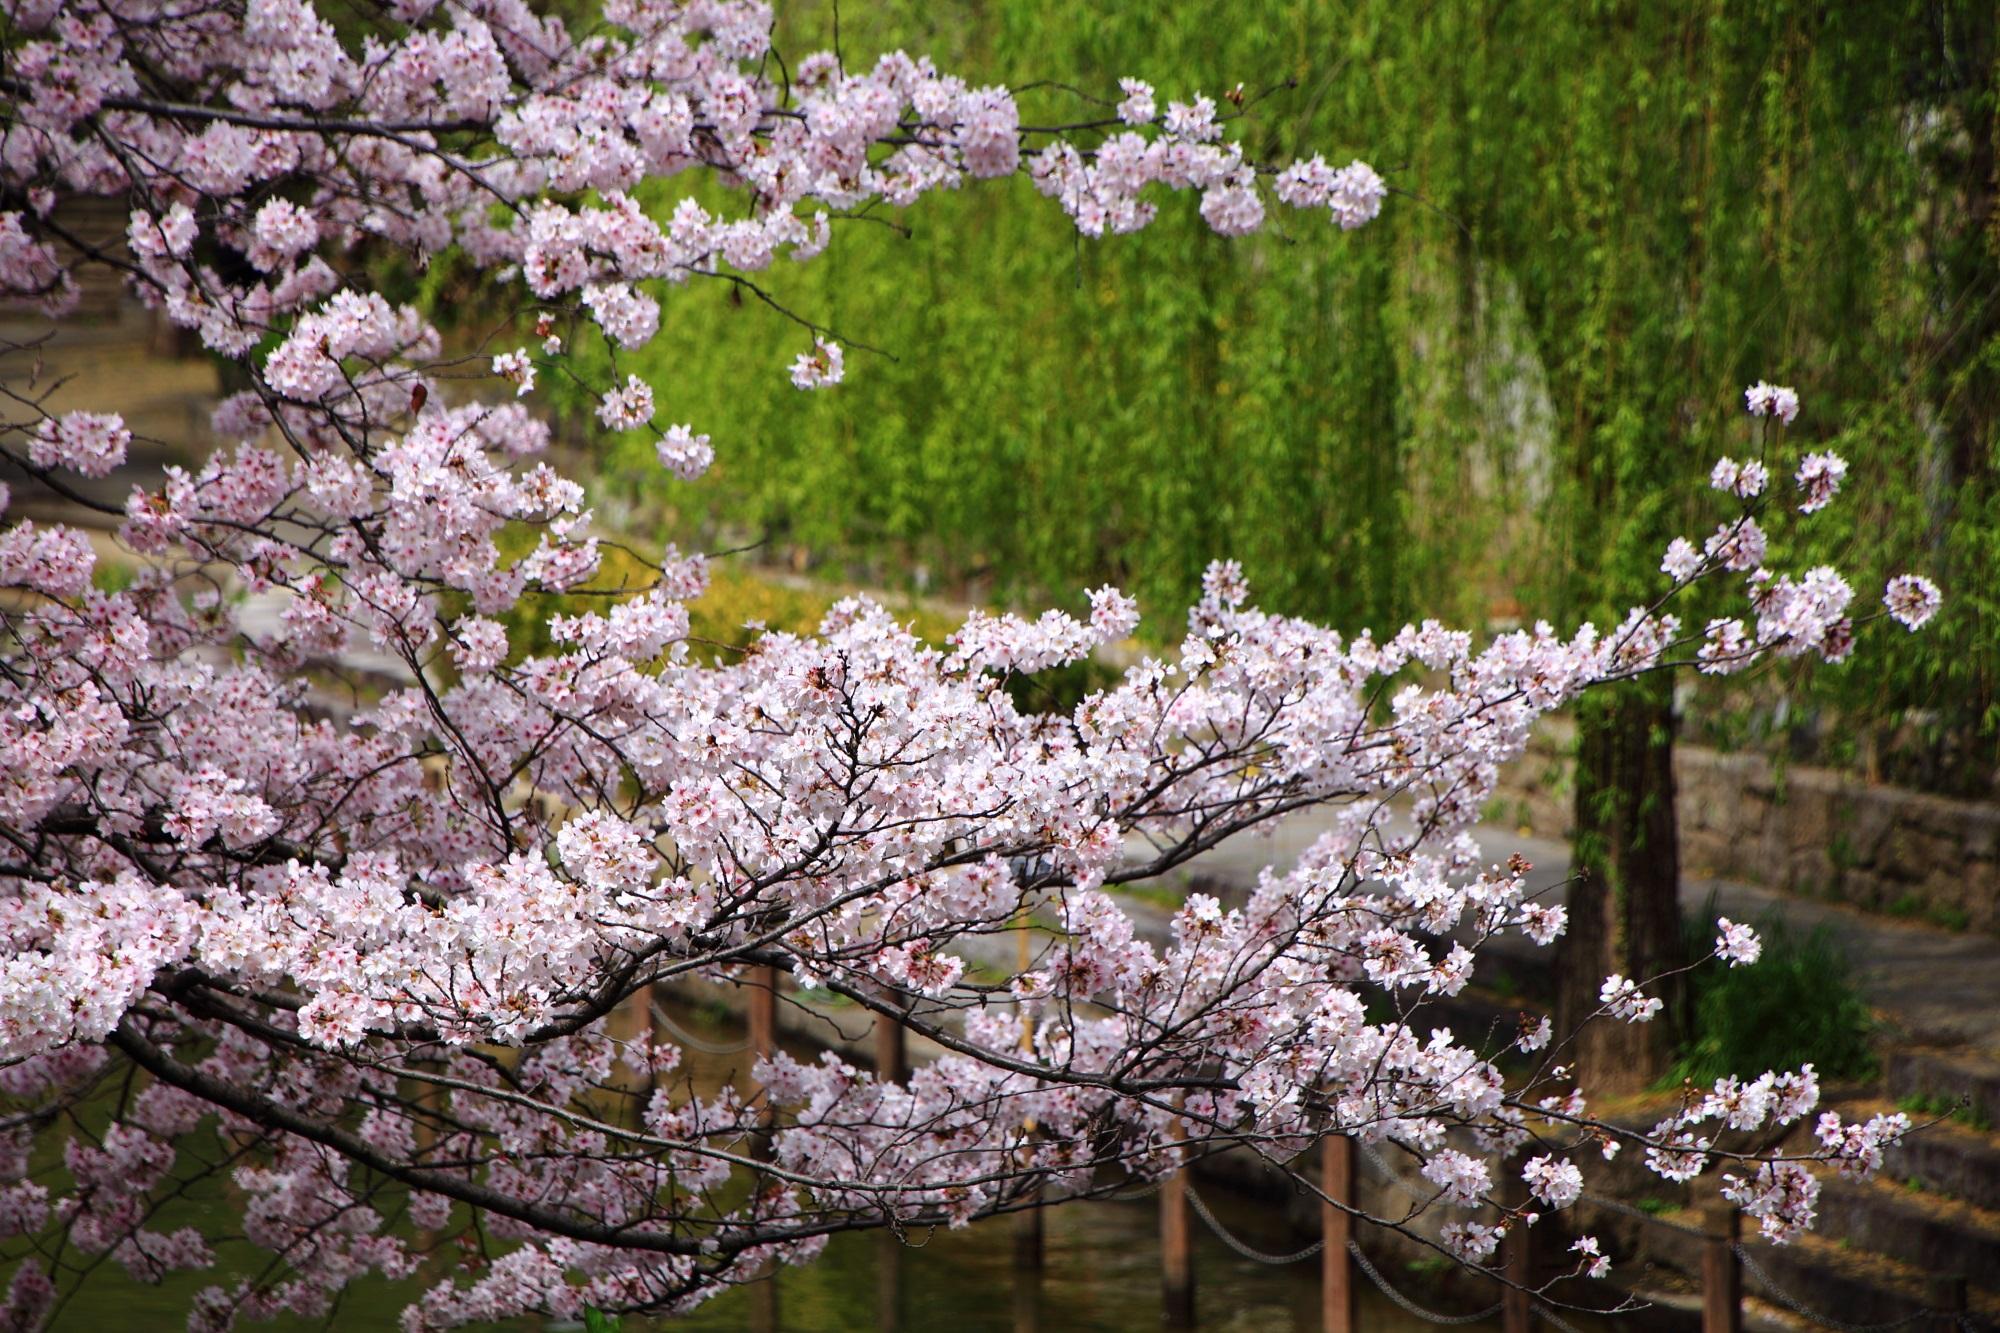 柳を背景に咲き乱れる水辺の桜